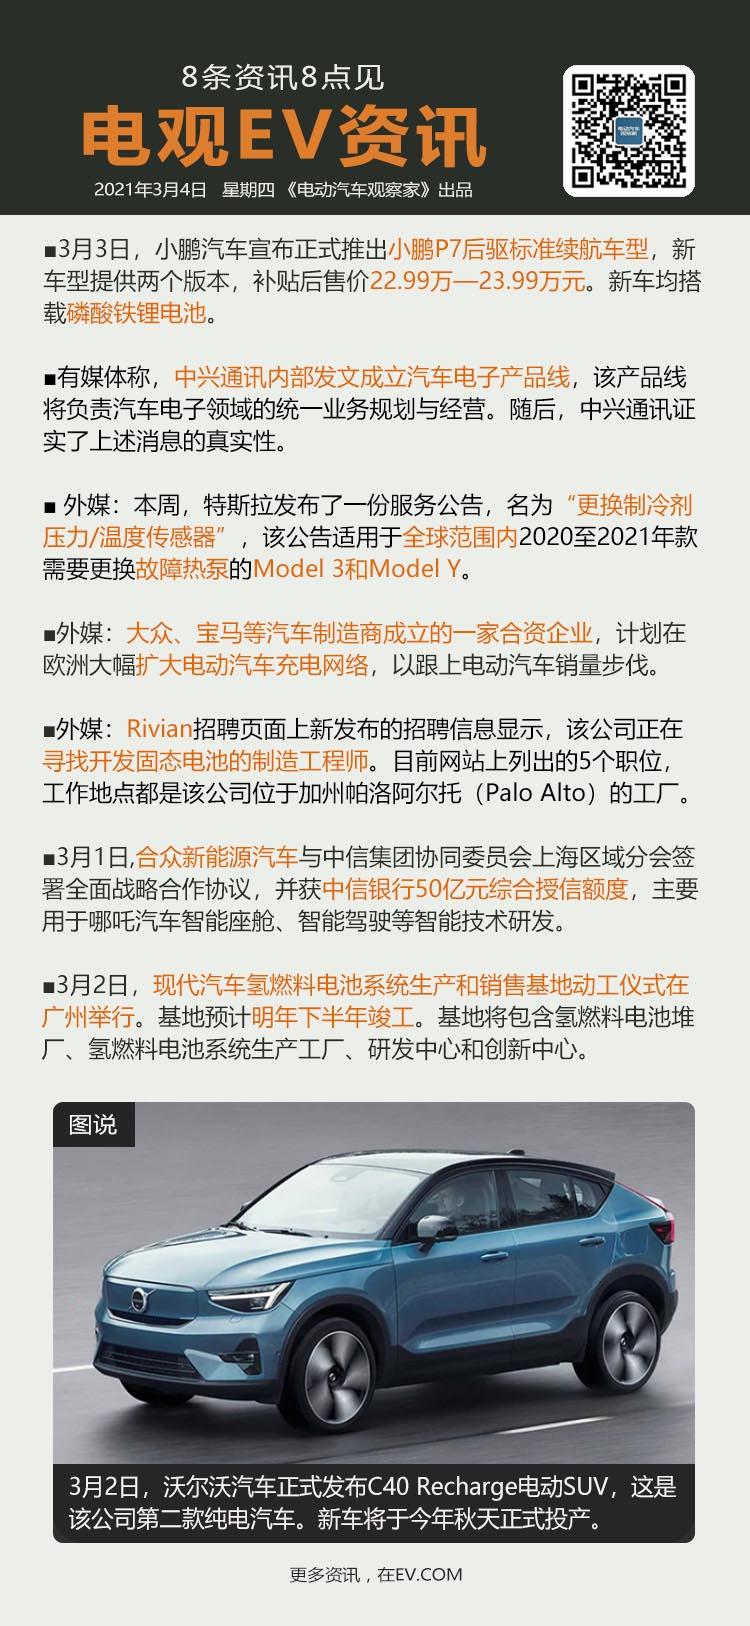 3月4日:磷酸鐵鋰版小鵬P7開啟預售、中興確認成立智能汽車電子產品線、特斯拉或正...